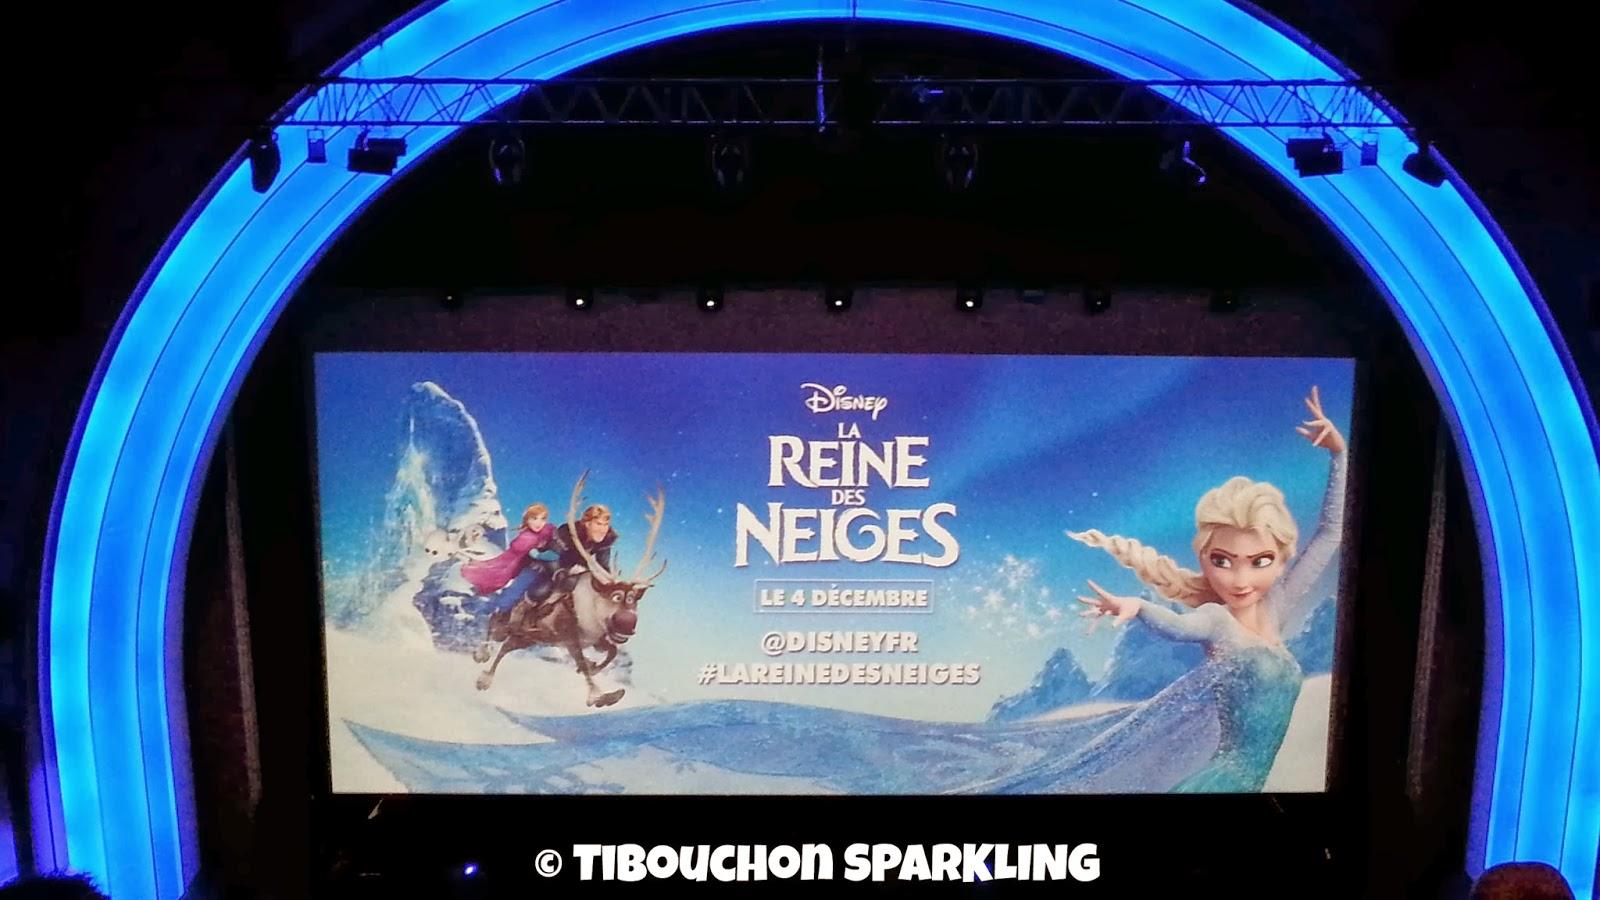 Le blog de tibouchon sparkling - Renne reine des neiges ...